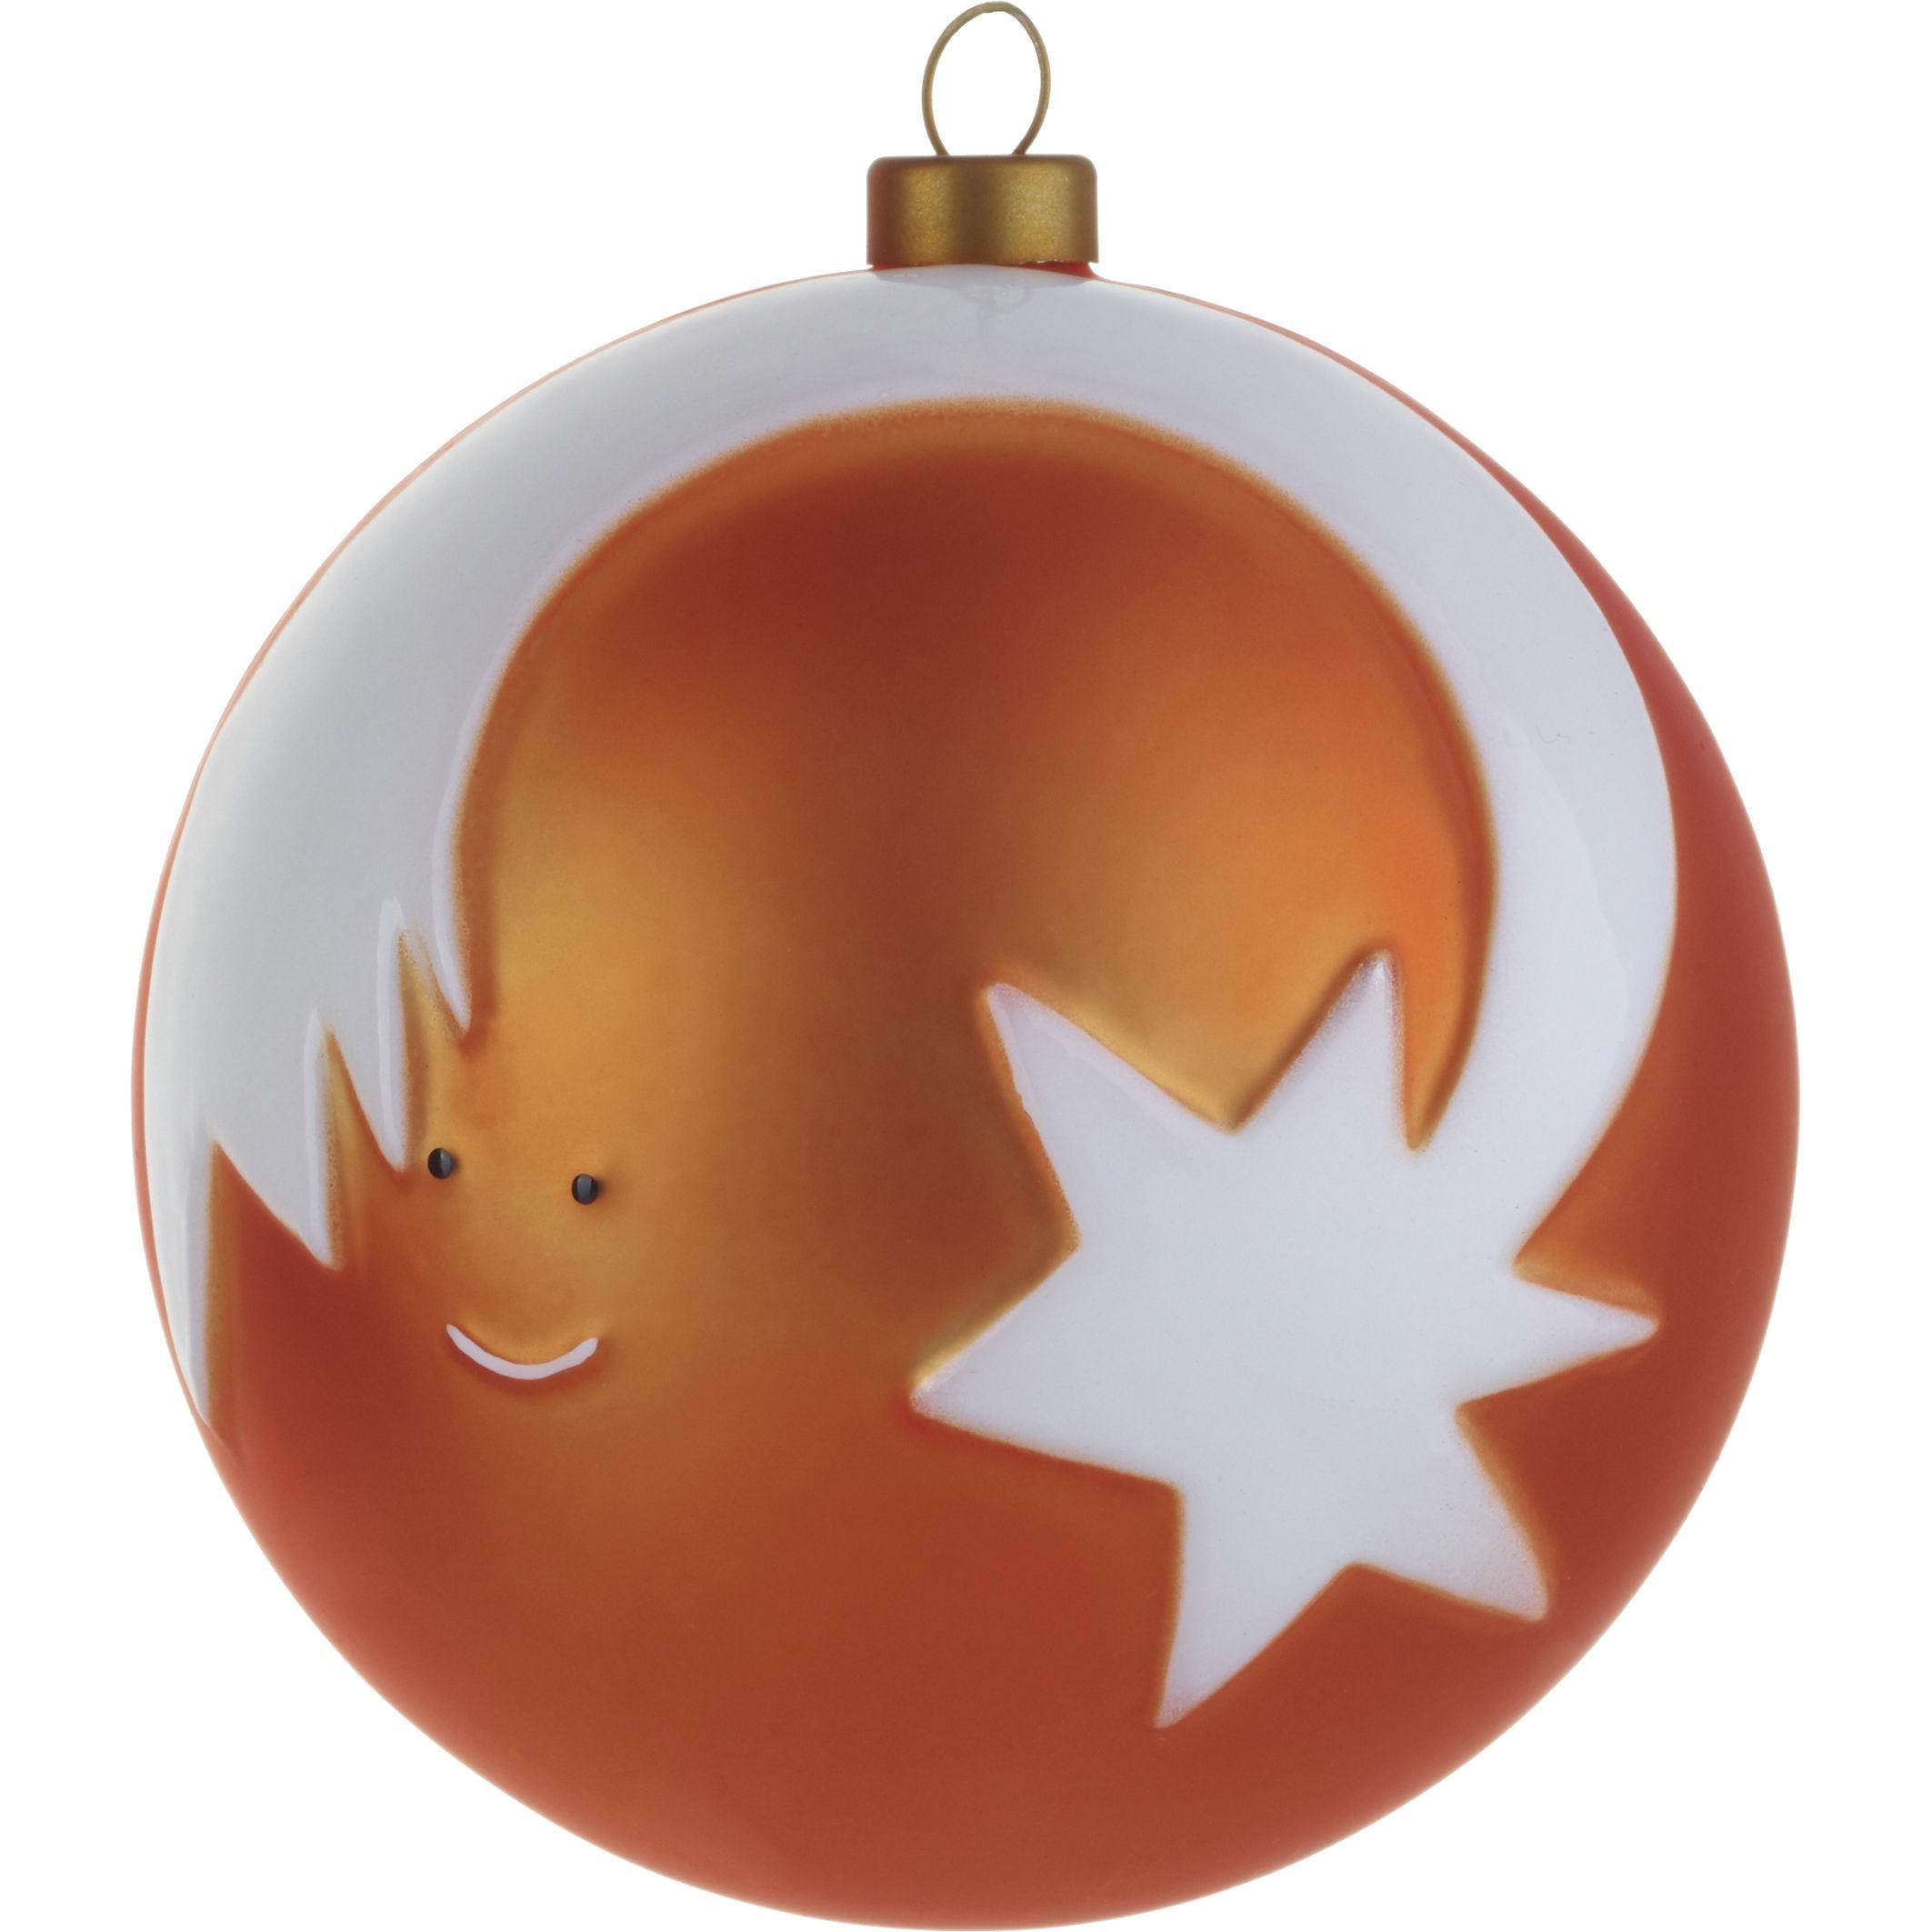 Dekoration - Dekorationsartikel - Stella Cometta Weihnachtskugel / Sternschnuppe - A di Alessi - Sternschnuppe - rot & weiß - mundgeblasenes Glas